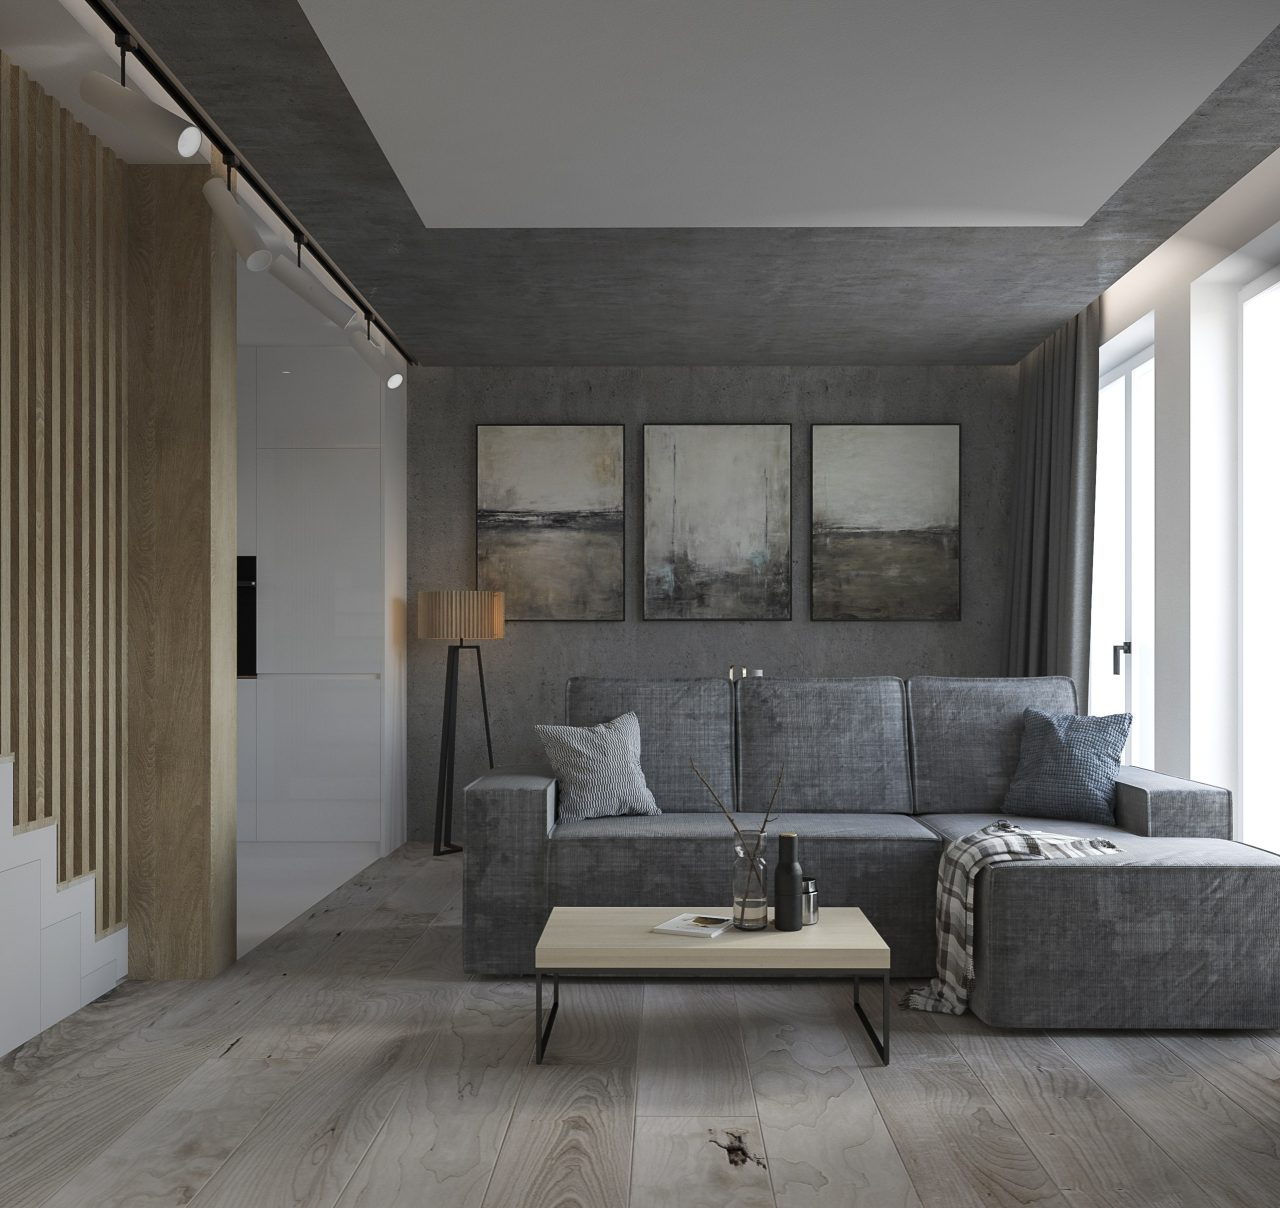 Interior.1_1